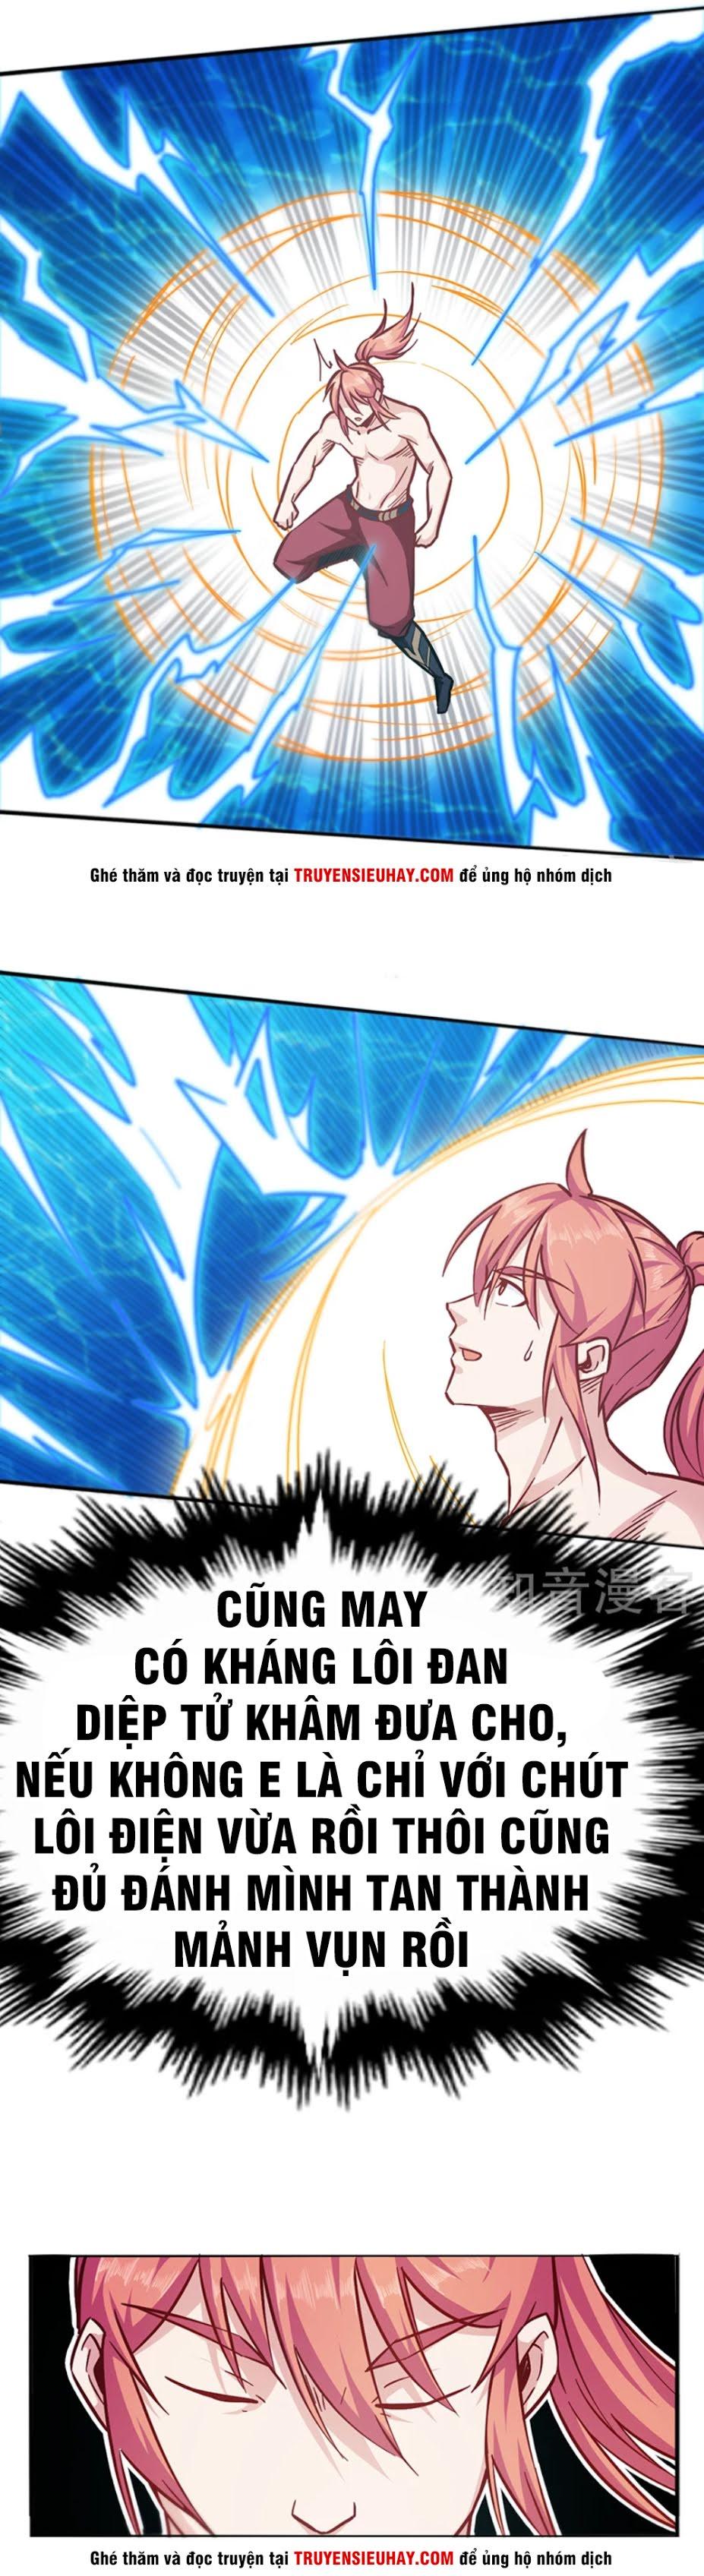 Võ Thần Thiên Hạ chap 94 - Trang 12